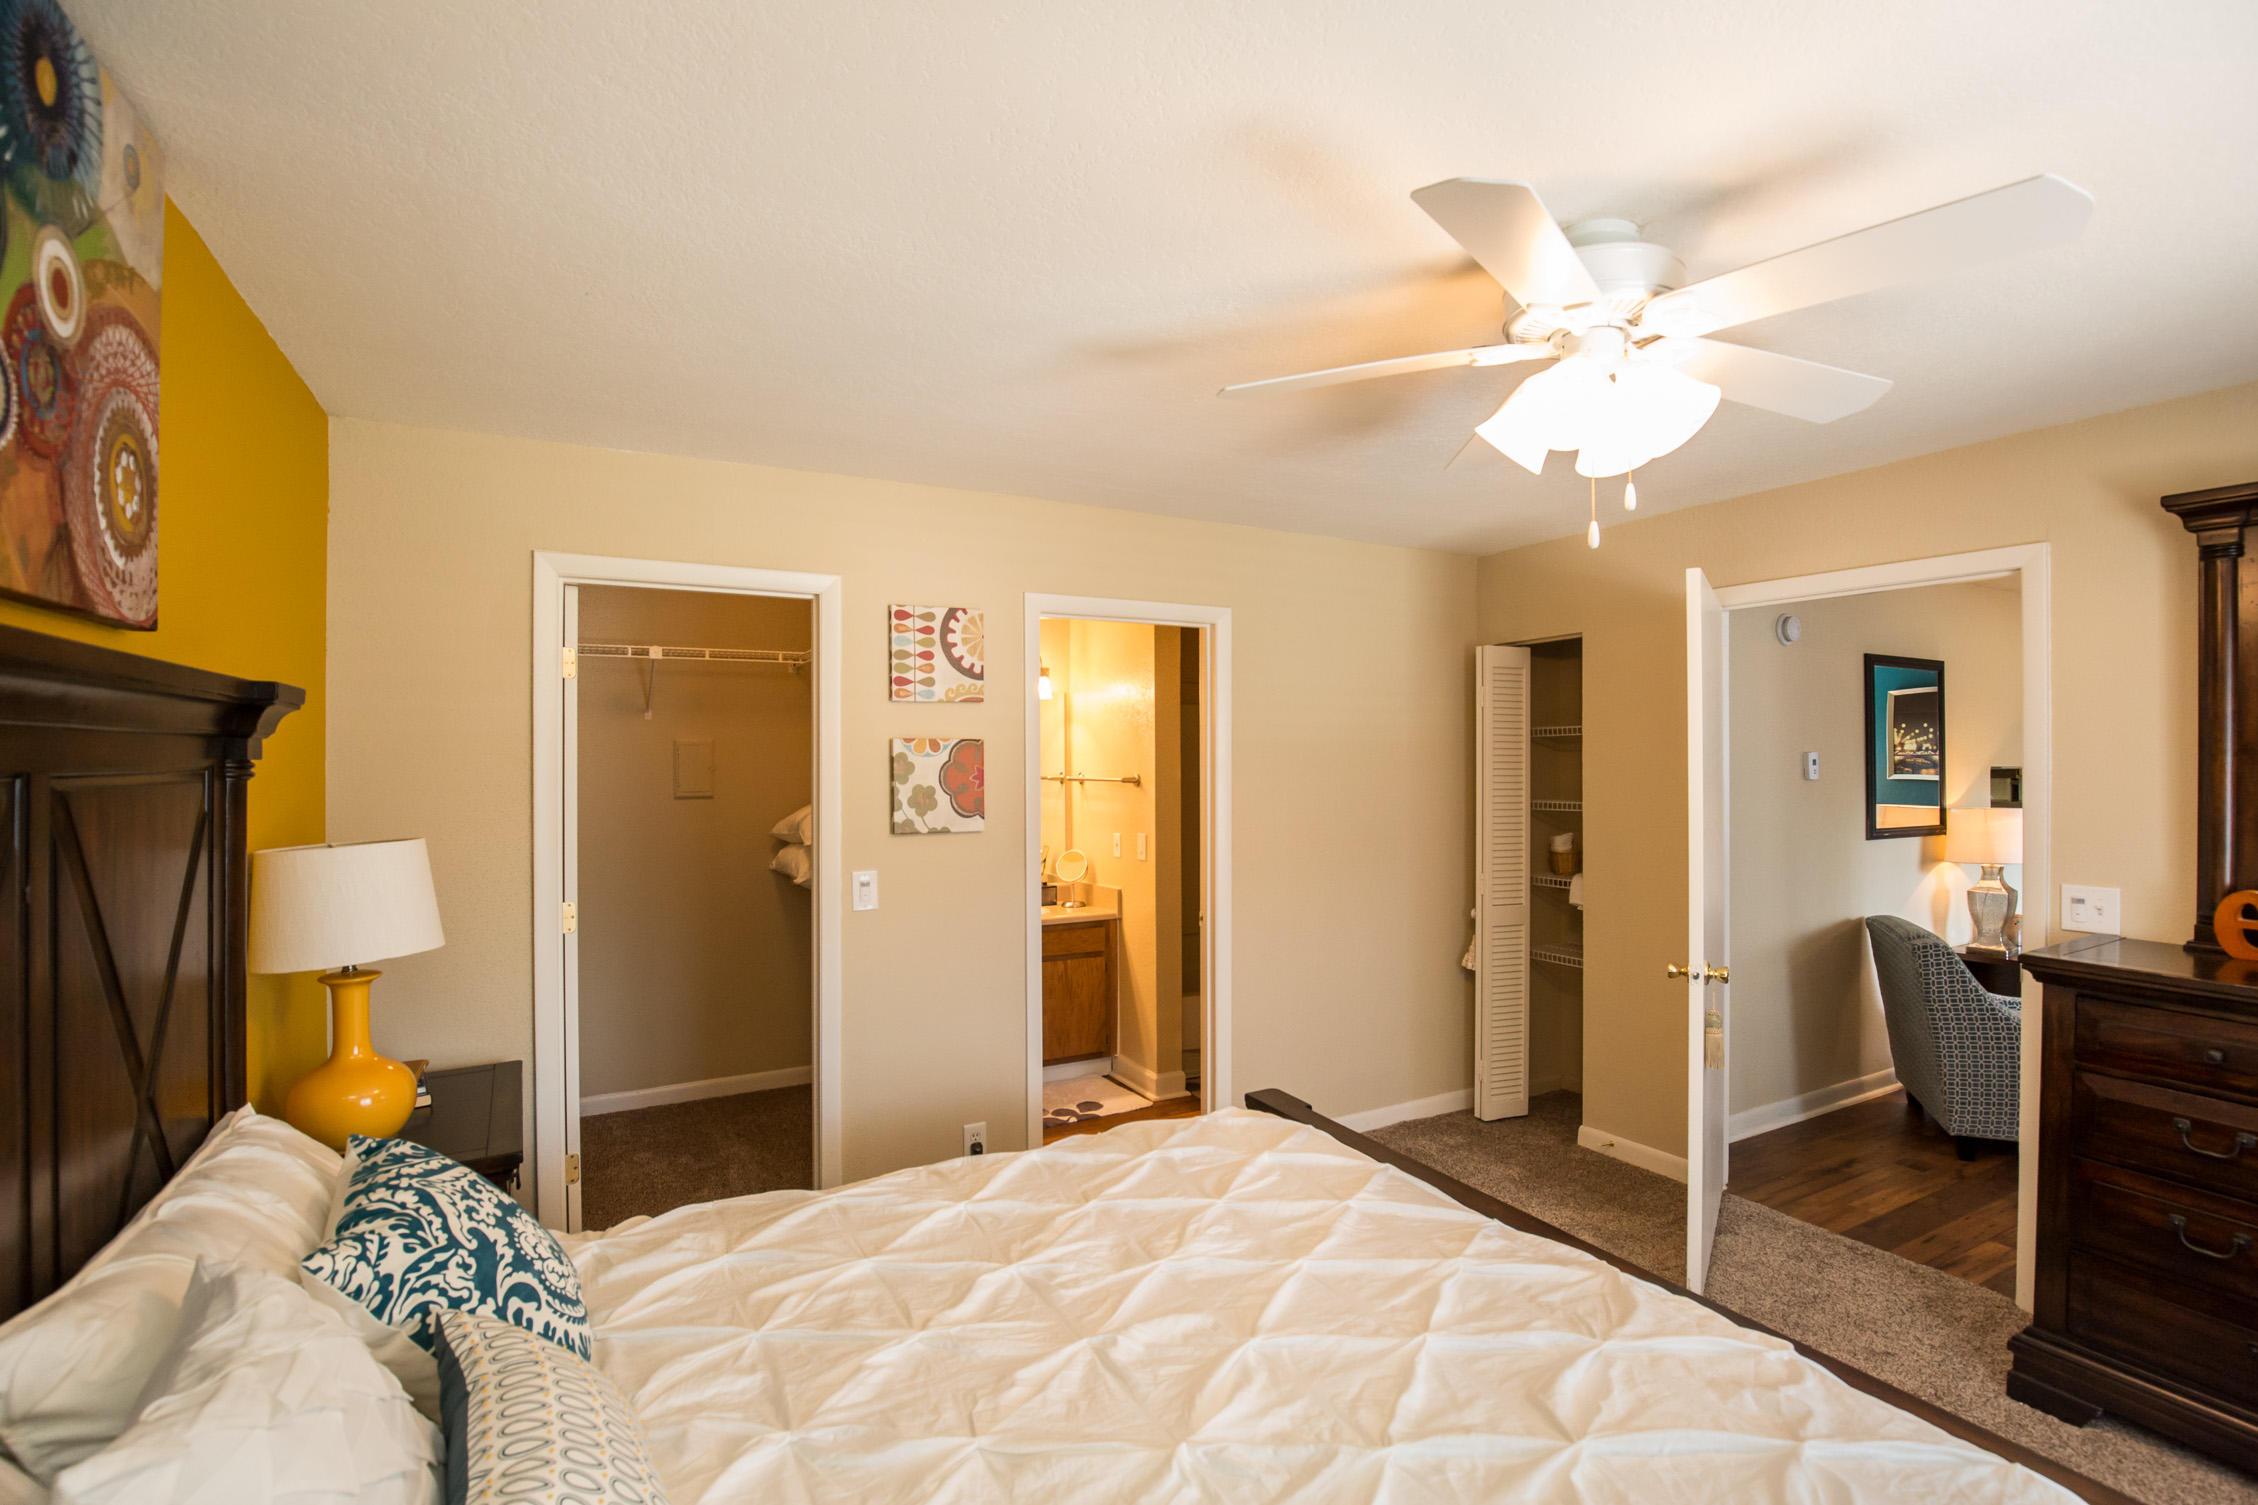 Timberlake Village Apartments image 20